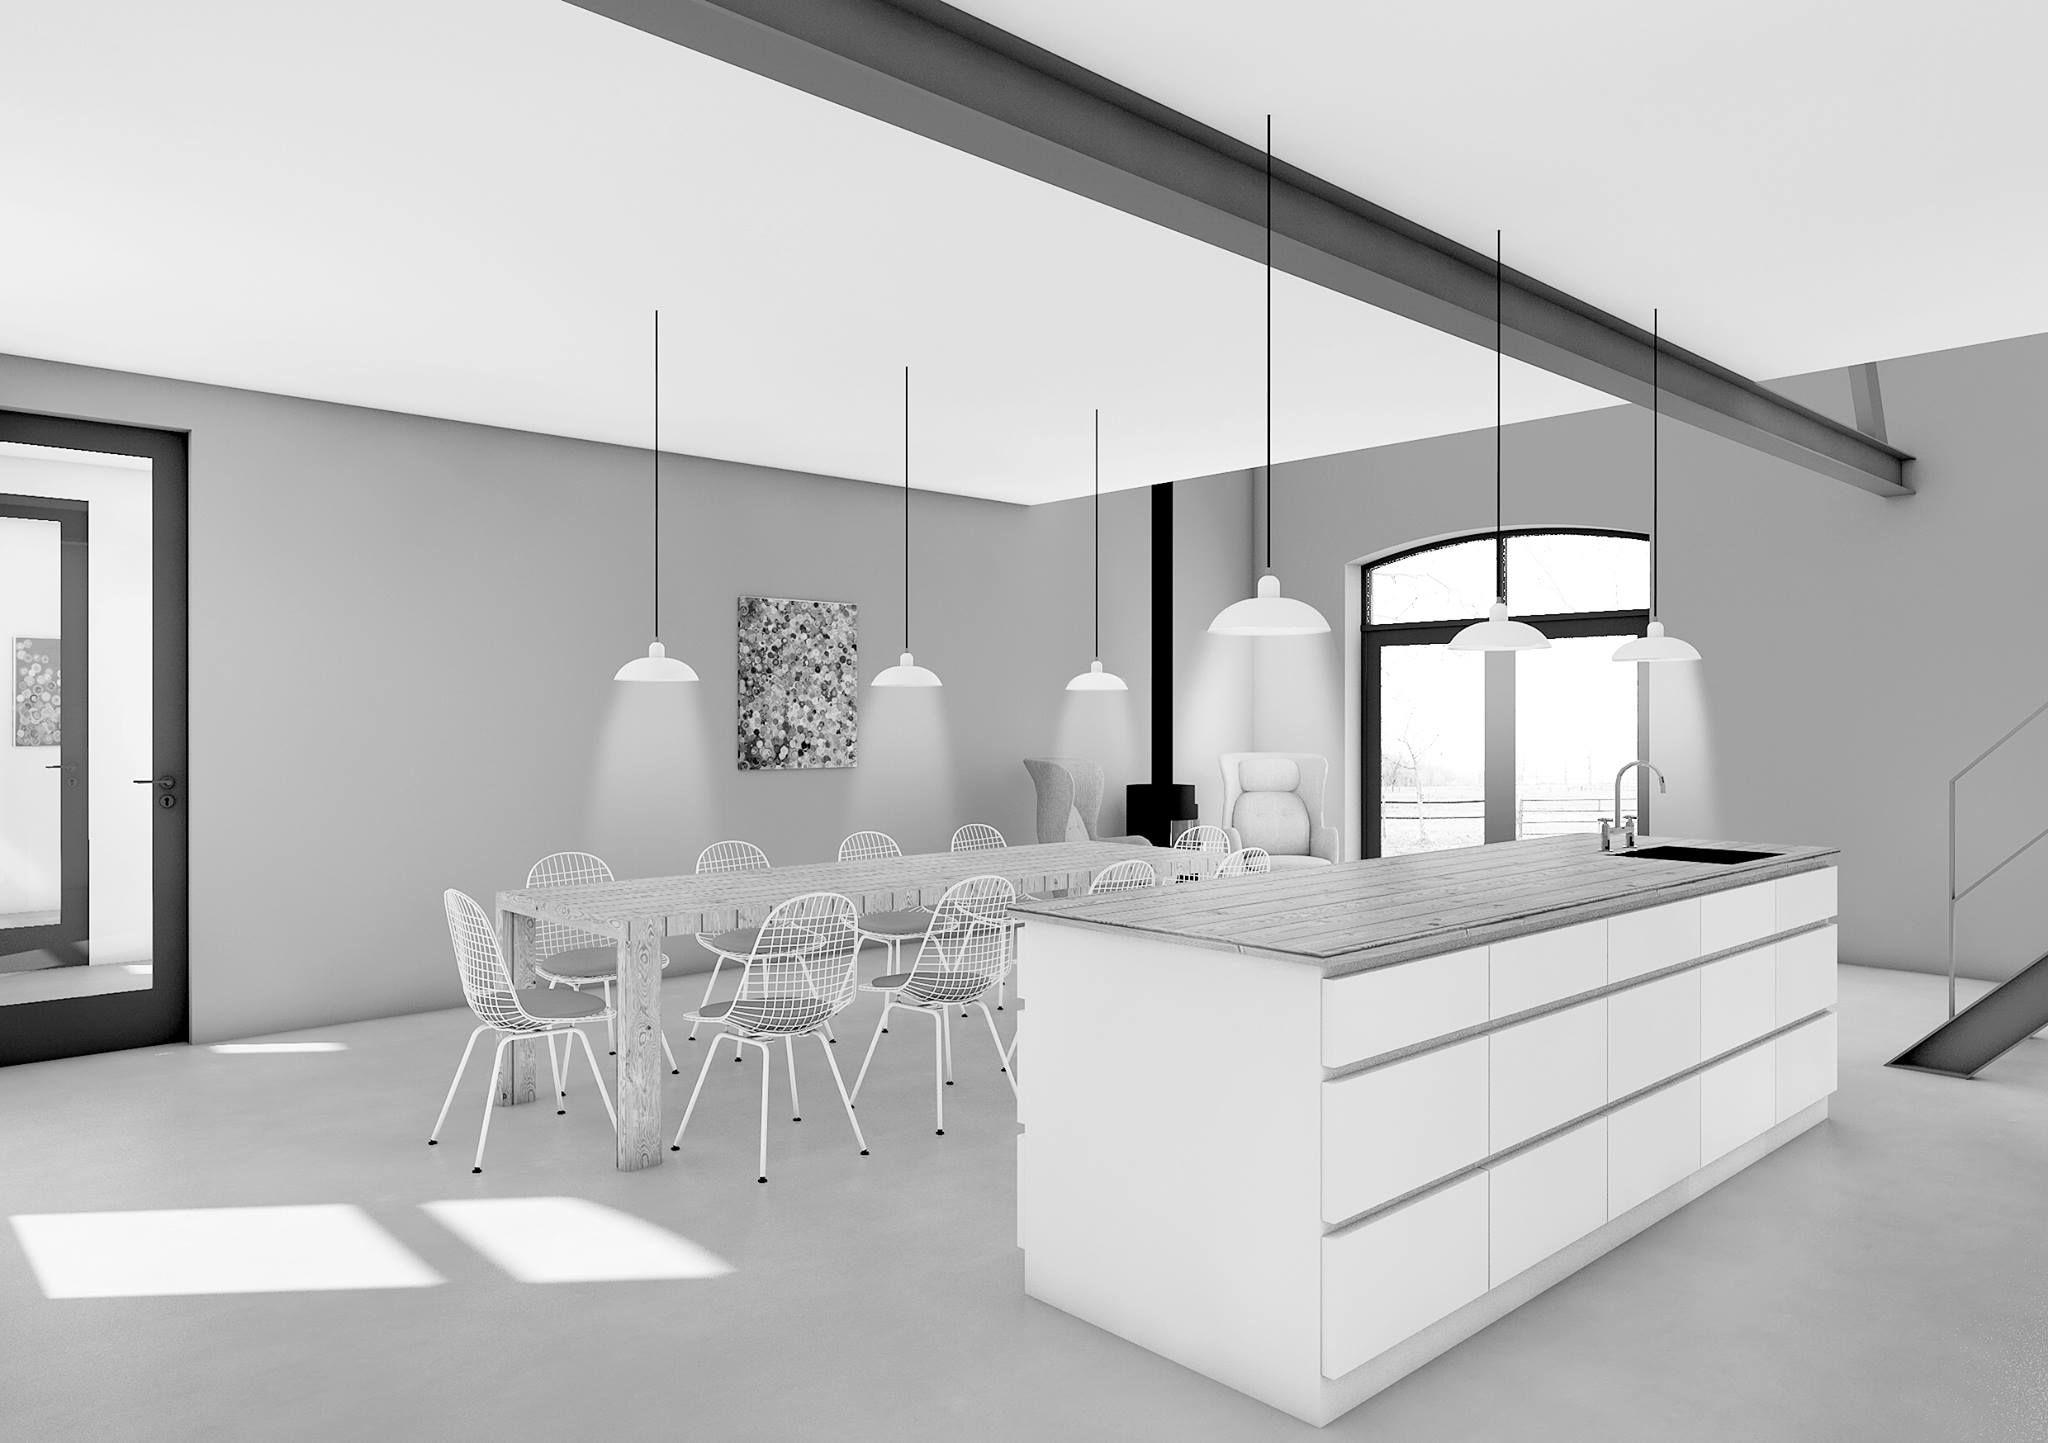 Keuken Design Maastricht : Ontwerp woonhuis keuken voorheen stal boerderij verbouwing